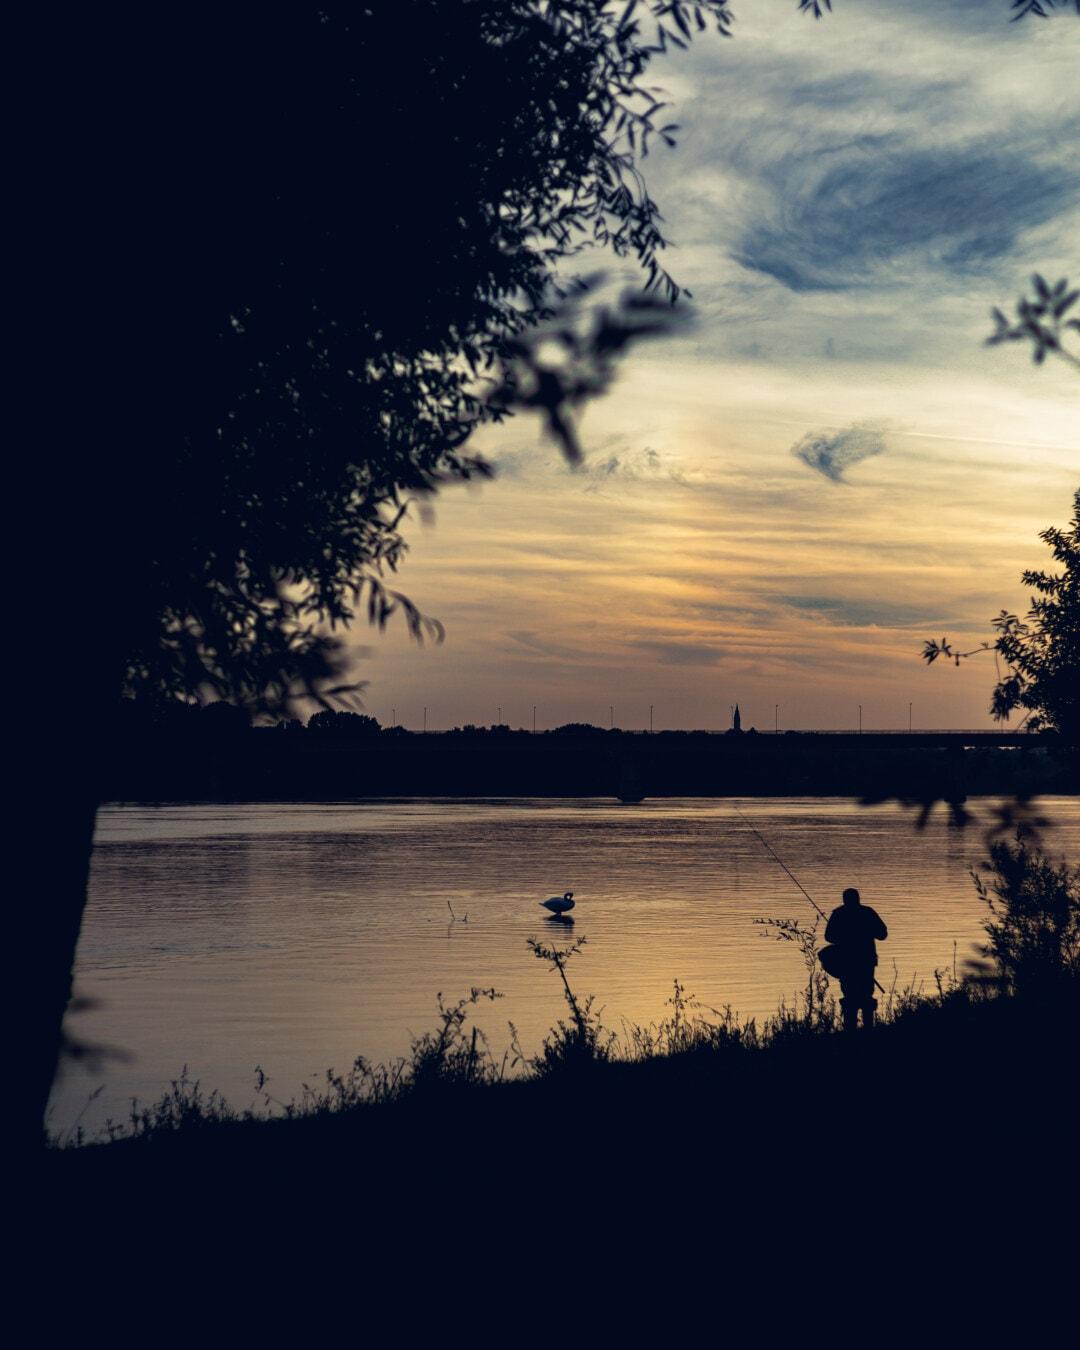 pêcheur, pêche, nuit, eau, coucher de soleil, aube, silhouette, Lac, réflexion, soleil